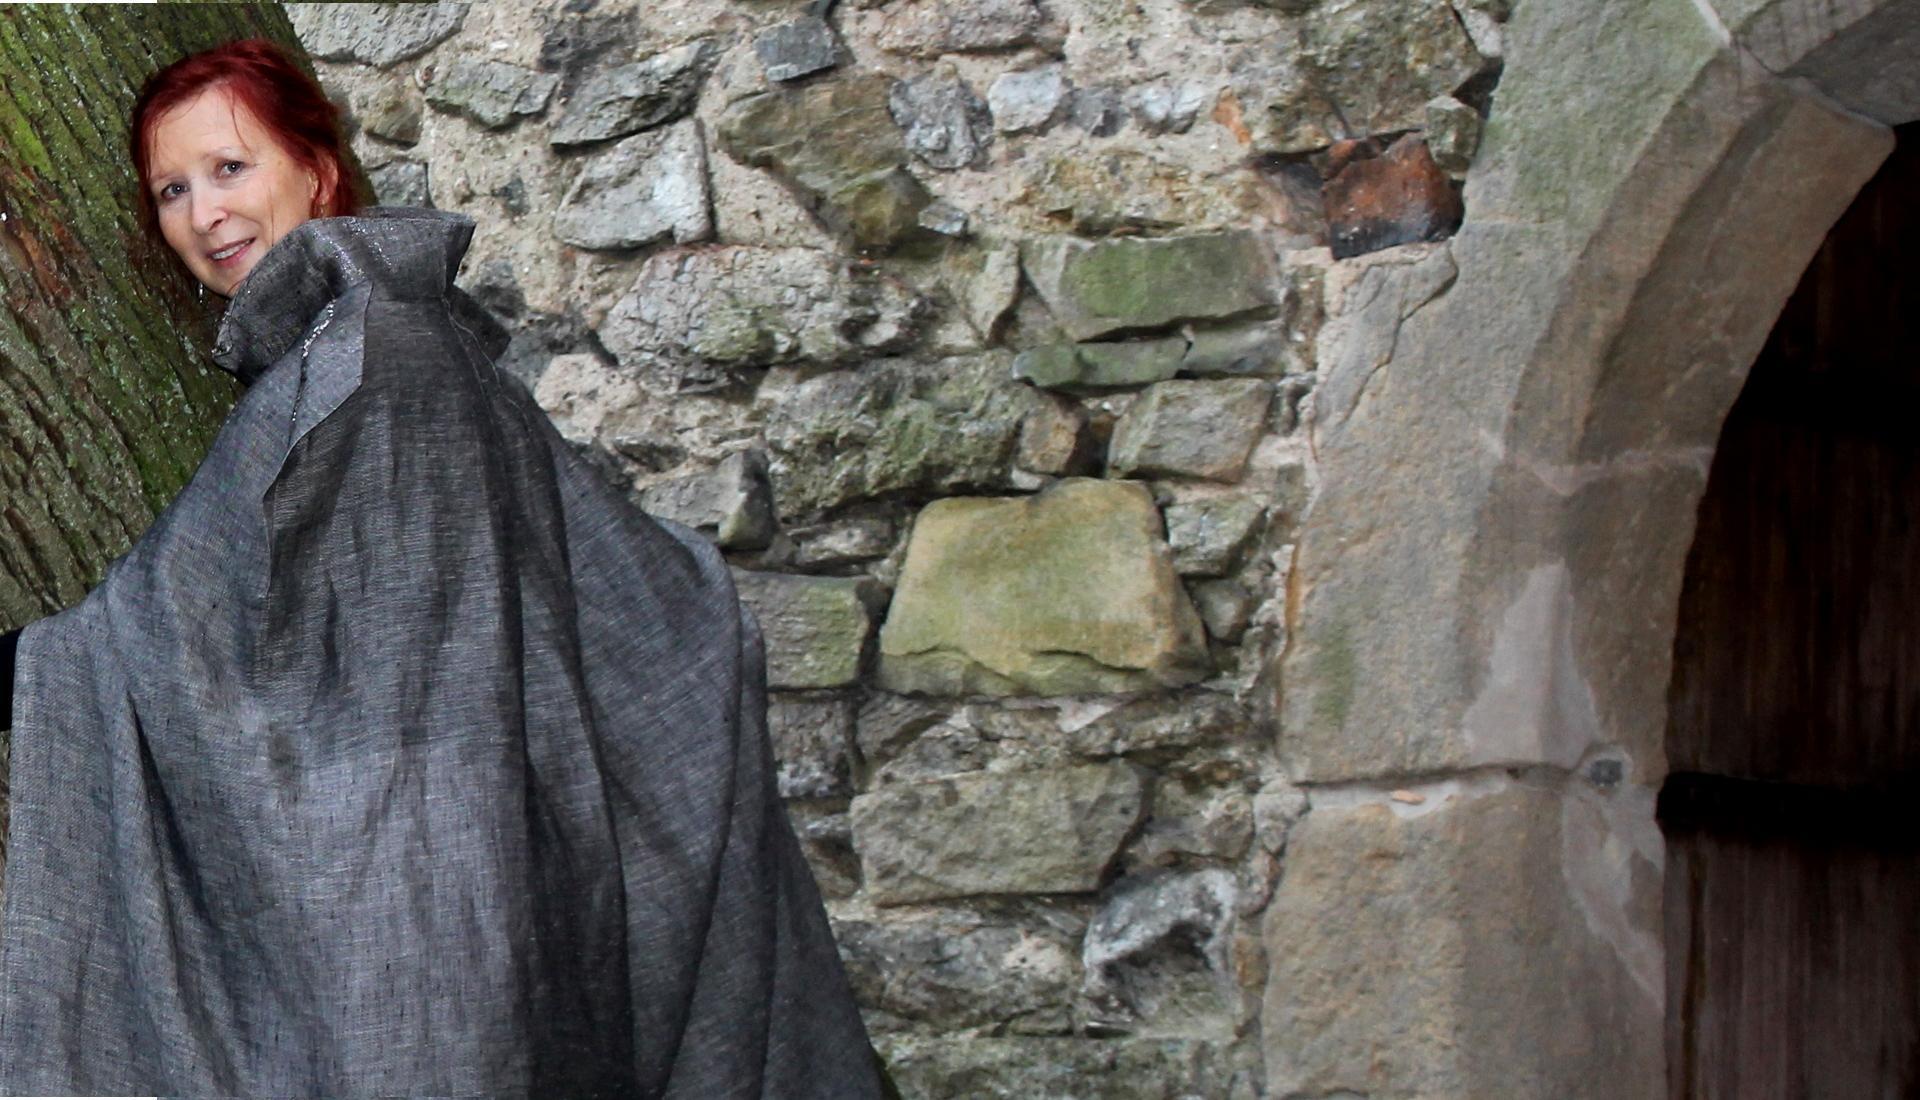 gry plenerowe i eventy kostiumowe - wieża książęca w Siedlęćinie